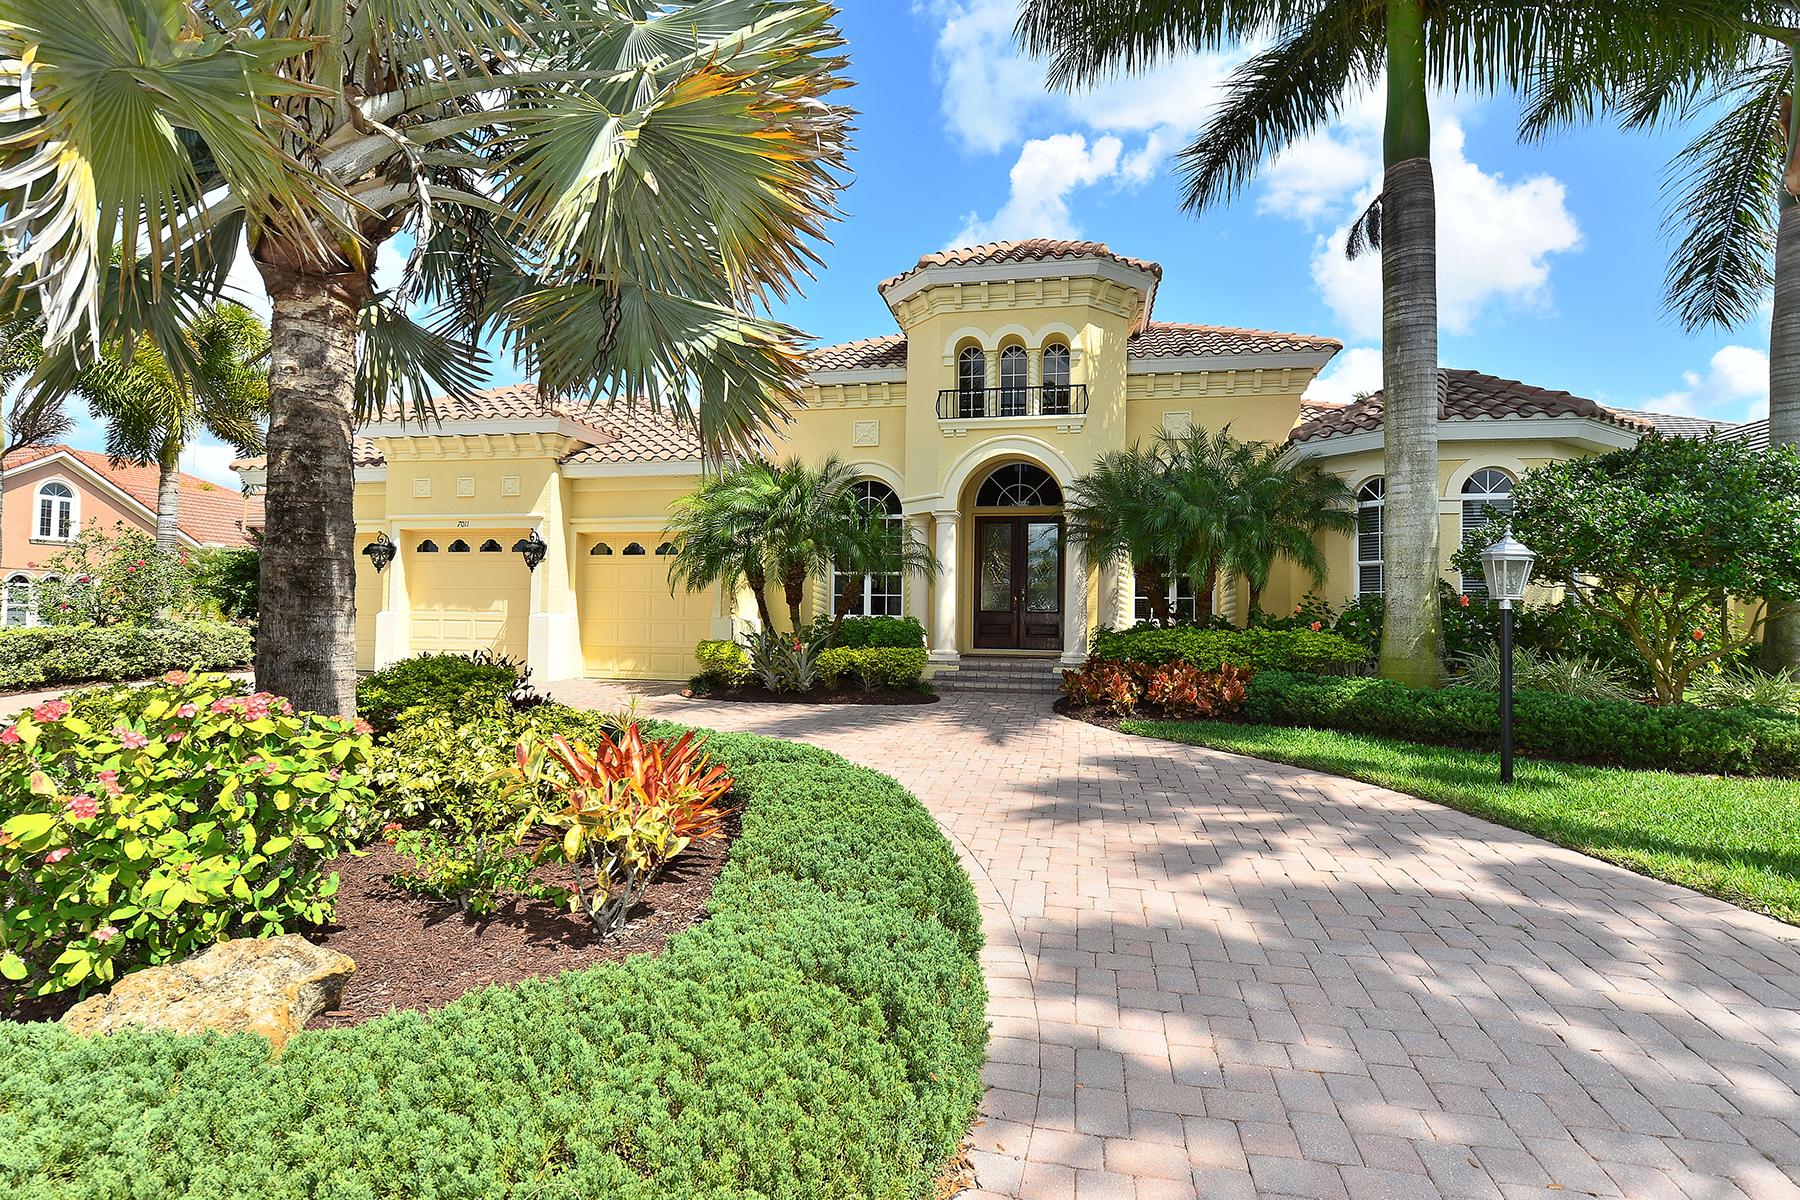 Tek Ailelik Ev için Satış at LAKEWOOD RANCH COUNTRY CLUB 7011 Dominion Ln Lakewood Ranch, Florida 34202 Amerika Birleşik Devletleri